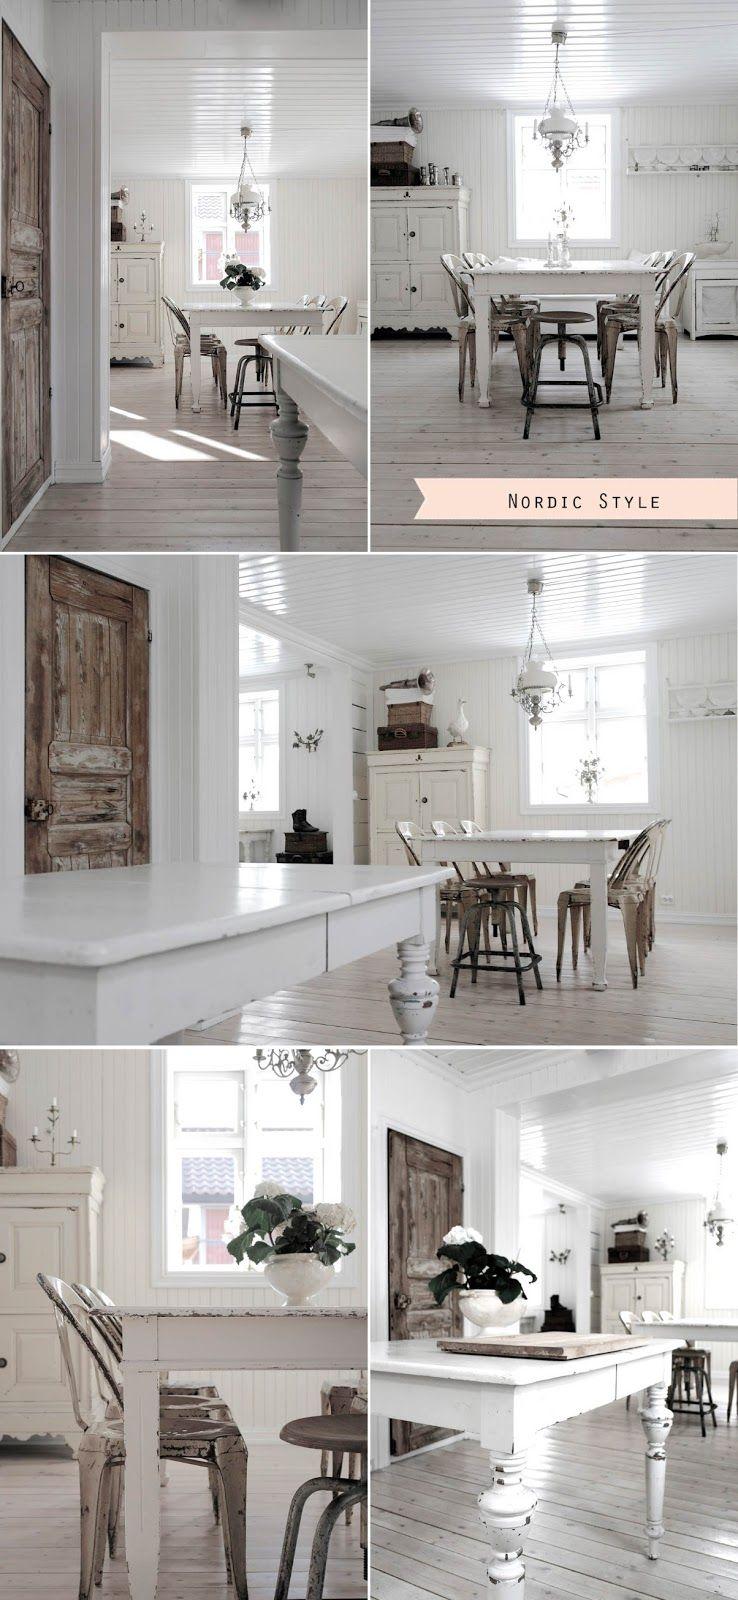 Stile nordico vs Stile industriale Shabby chic interiors